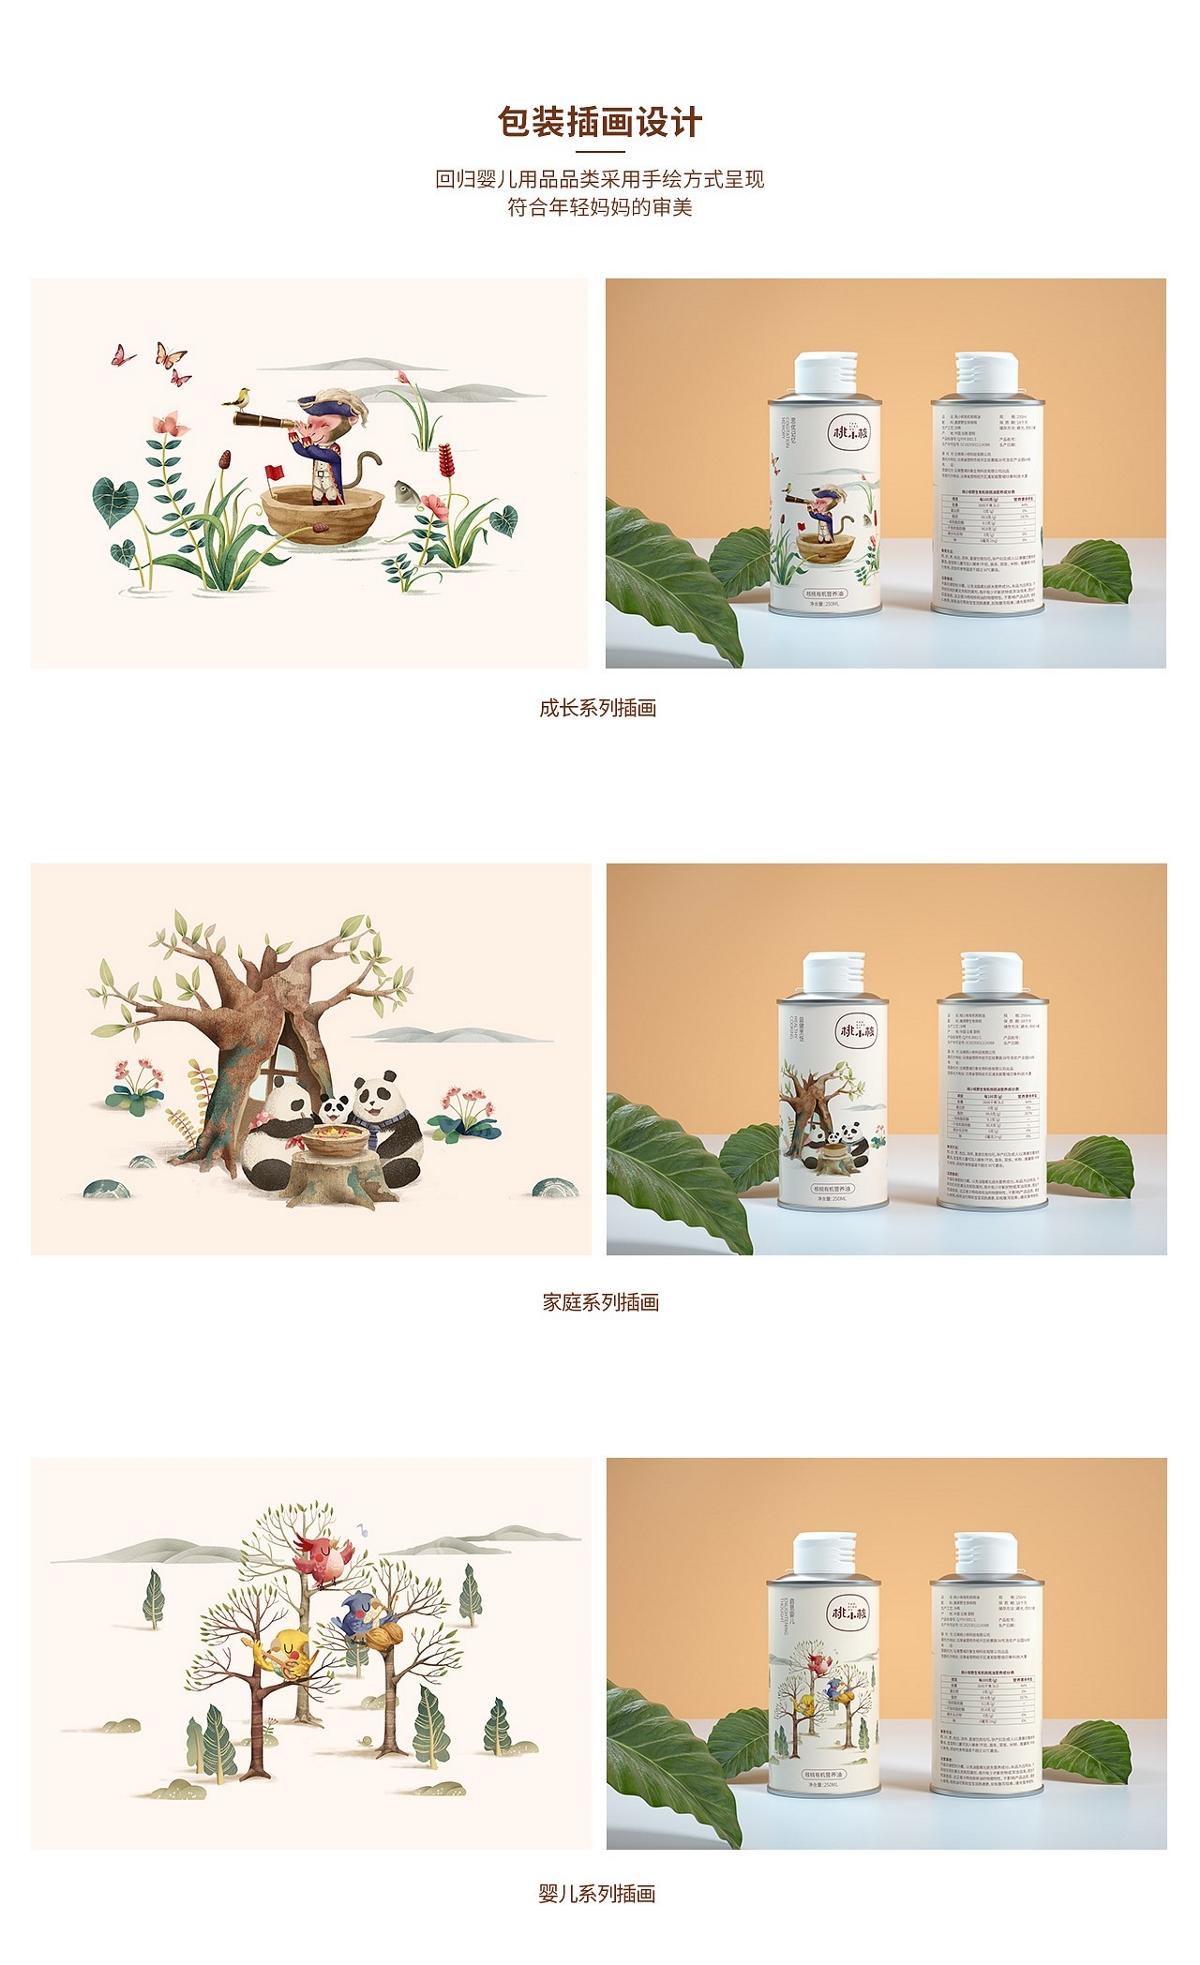 桃小核有机核桃油品牌新视觉作品分享【汤臣杰逊】